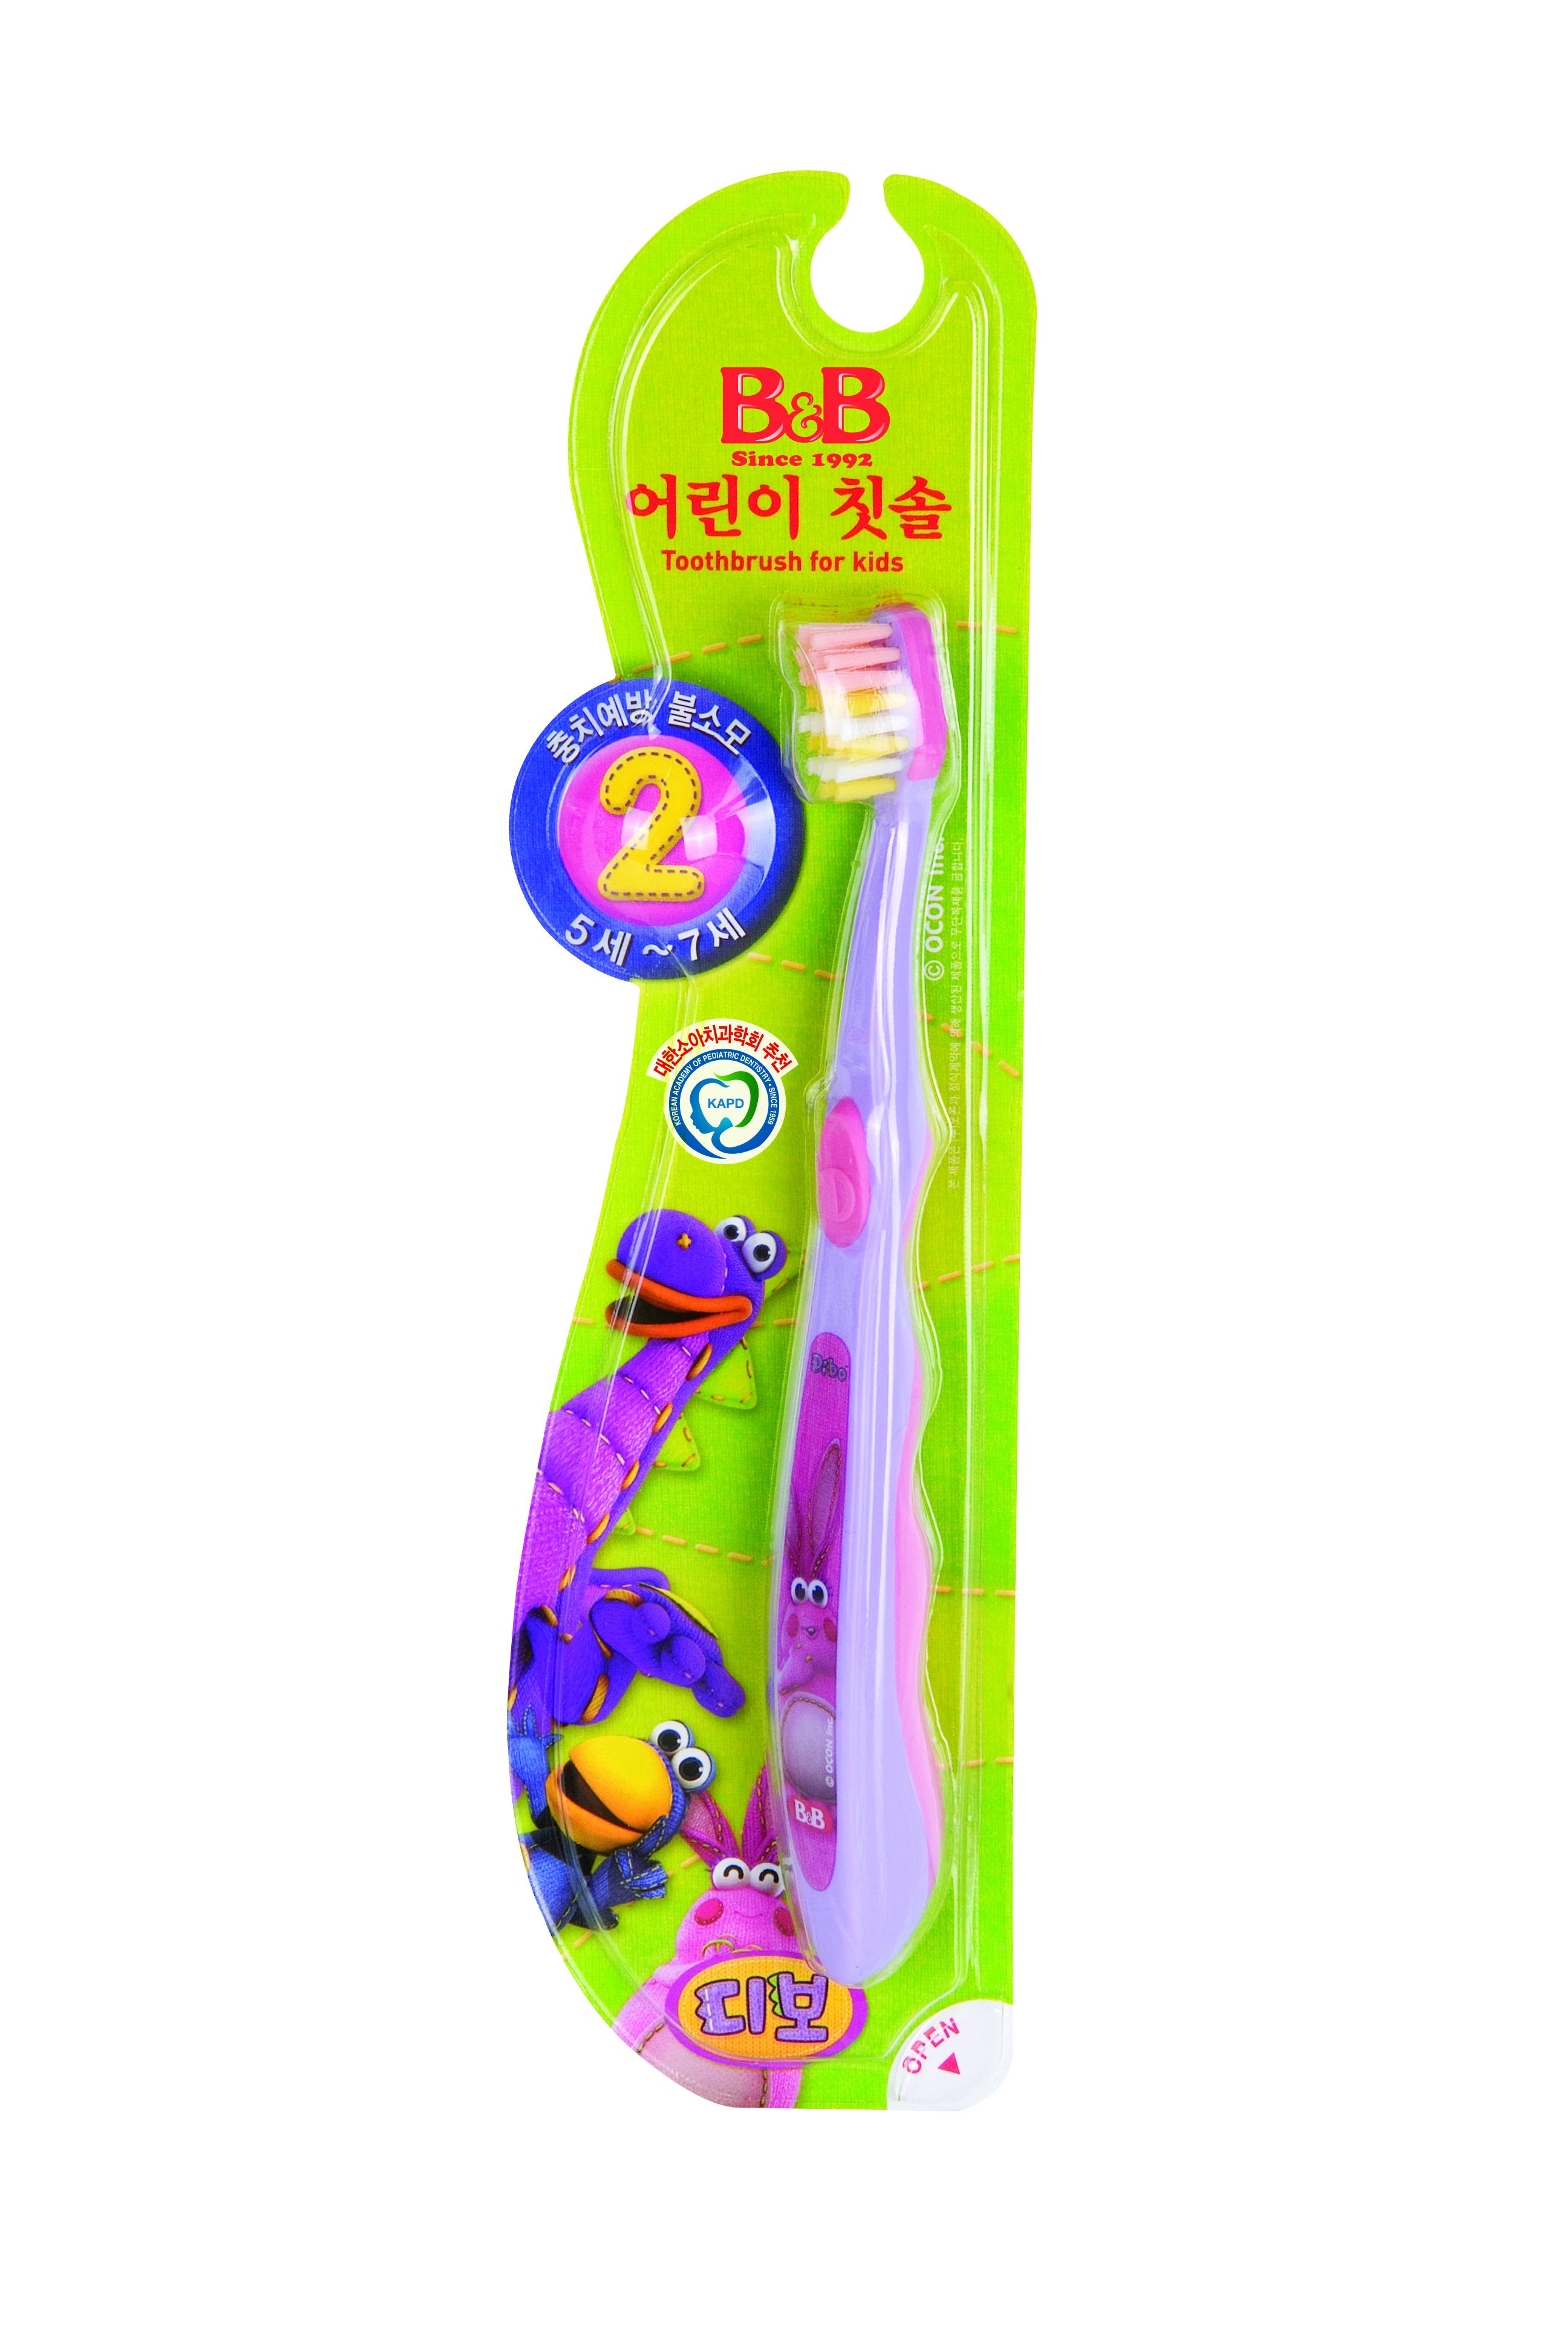 B&B Kid Toothbrush, Kid Toothbrush